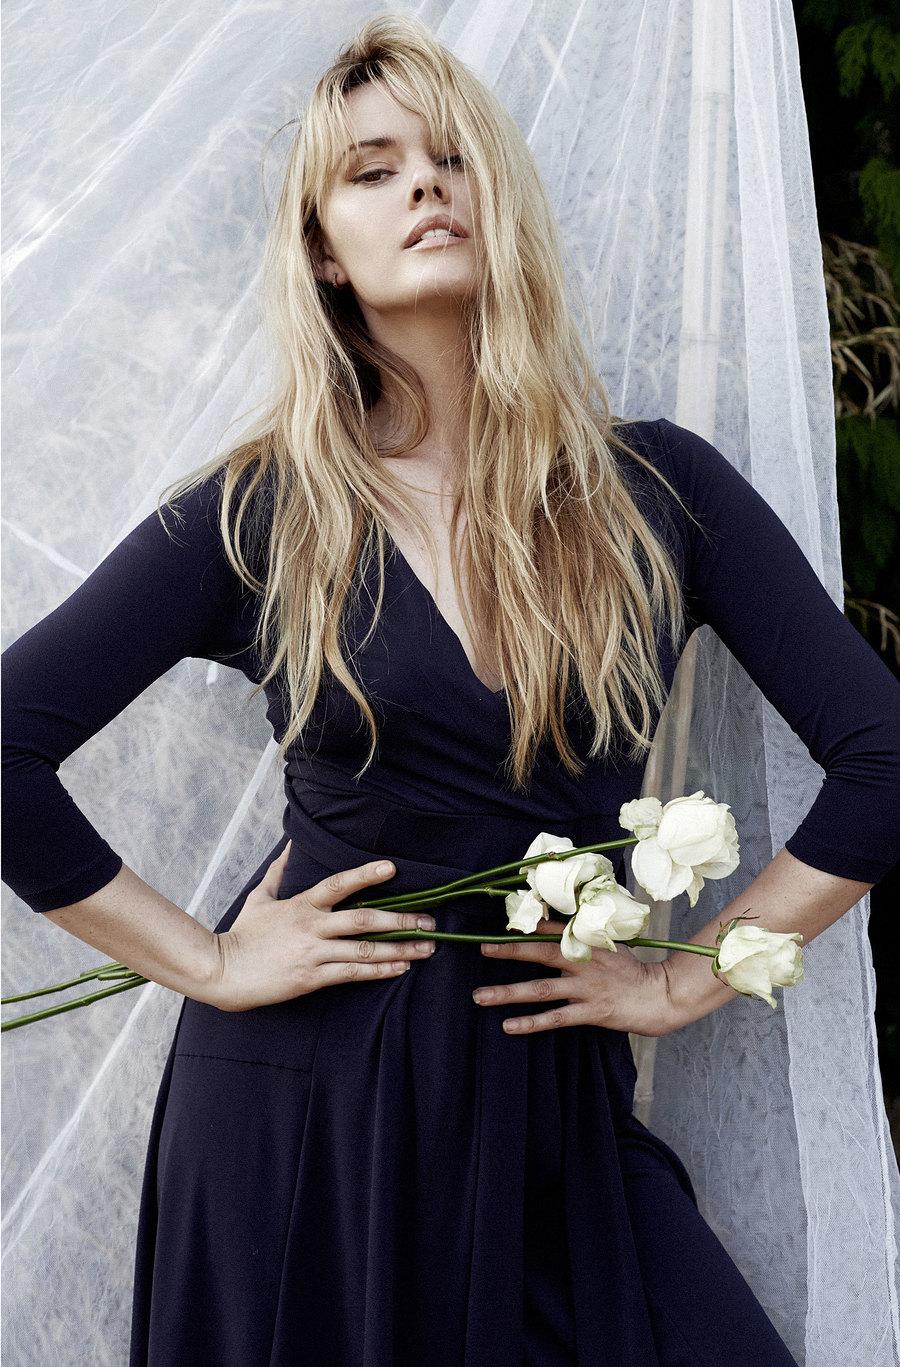 Paul Betts / Model Carla Monaco / Uploaded 20th August 2018 @ 02:47 PM